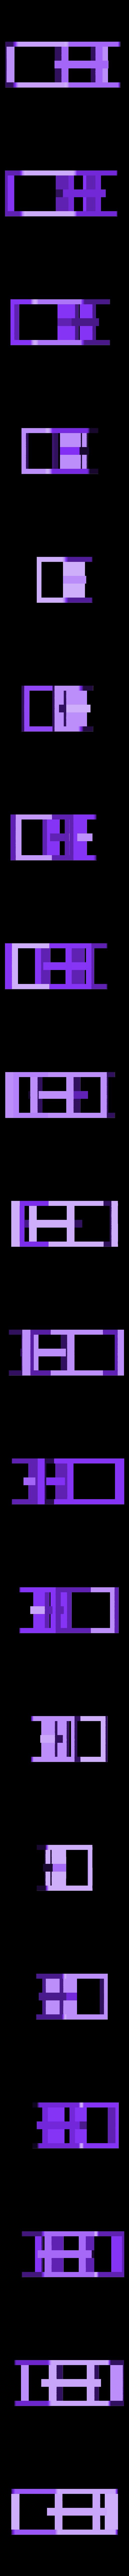 button_support.stl Télécharger fichier OBJ gratuit Conception d'une échelle de cuisine • Design à imprimer en 3D, kakiemon